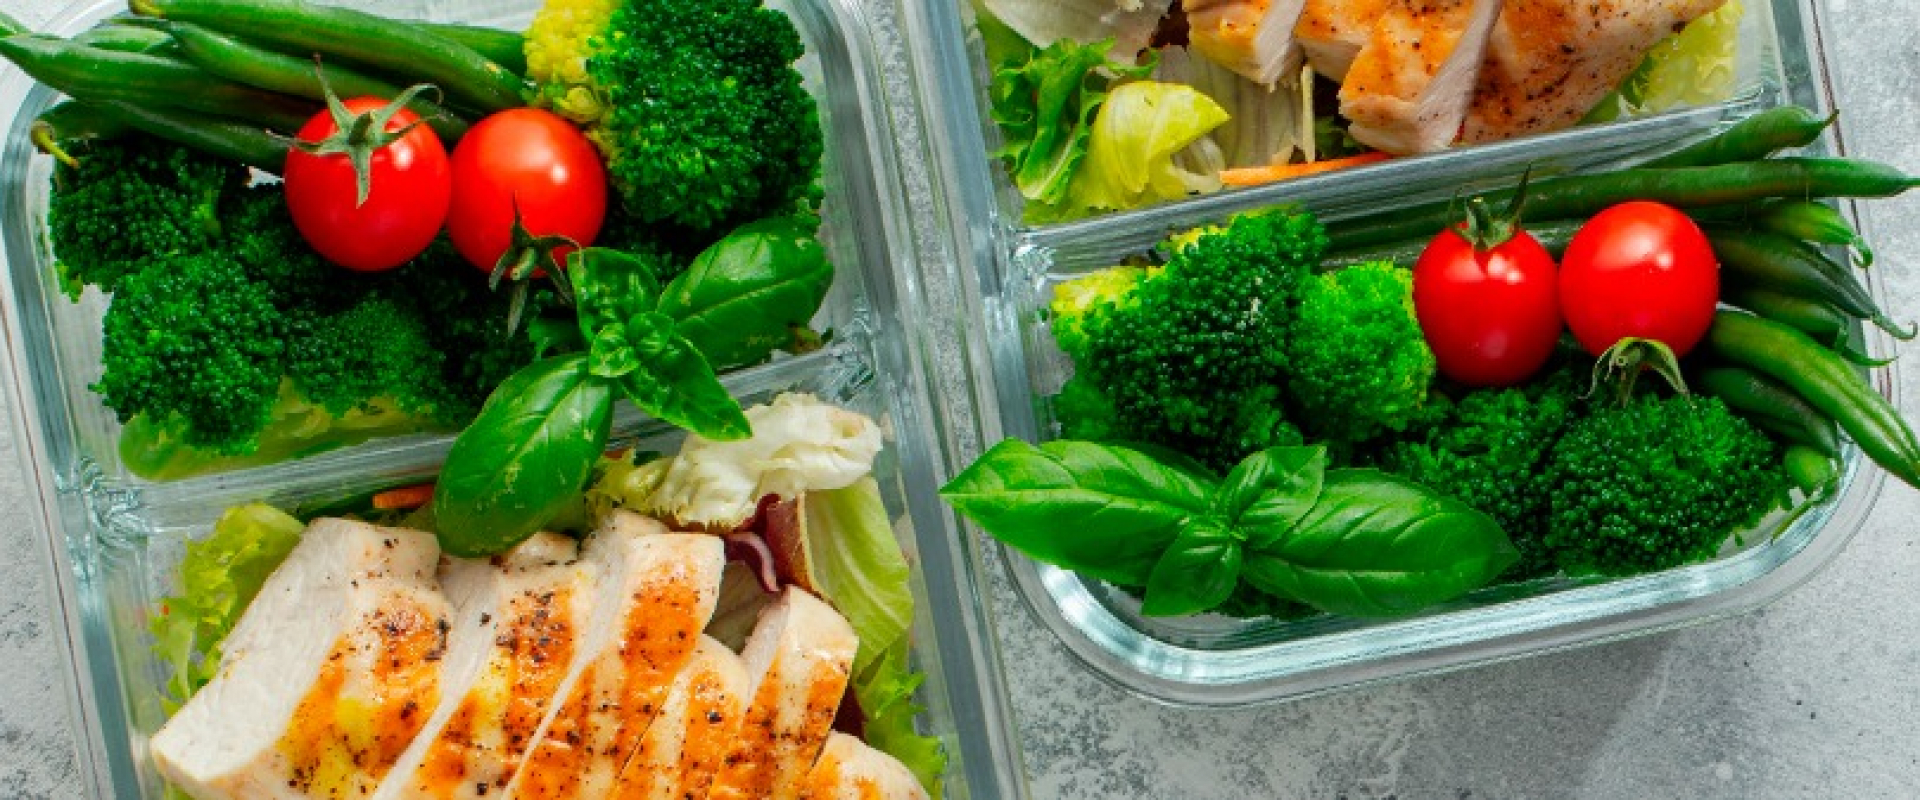 Aprenda como fazer refeições congeladas da forma correta